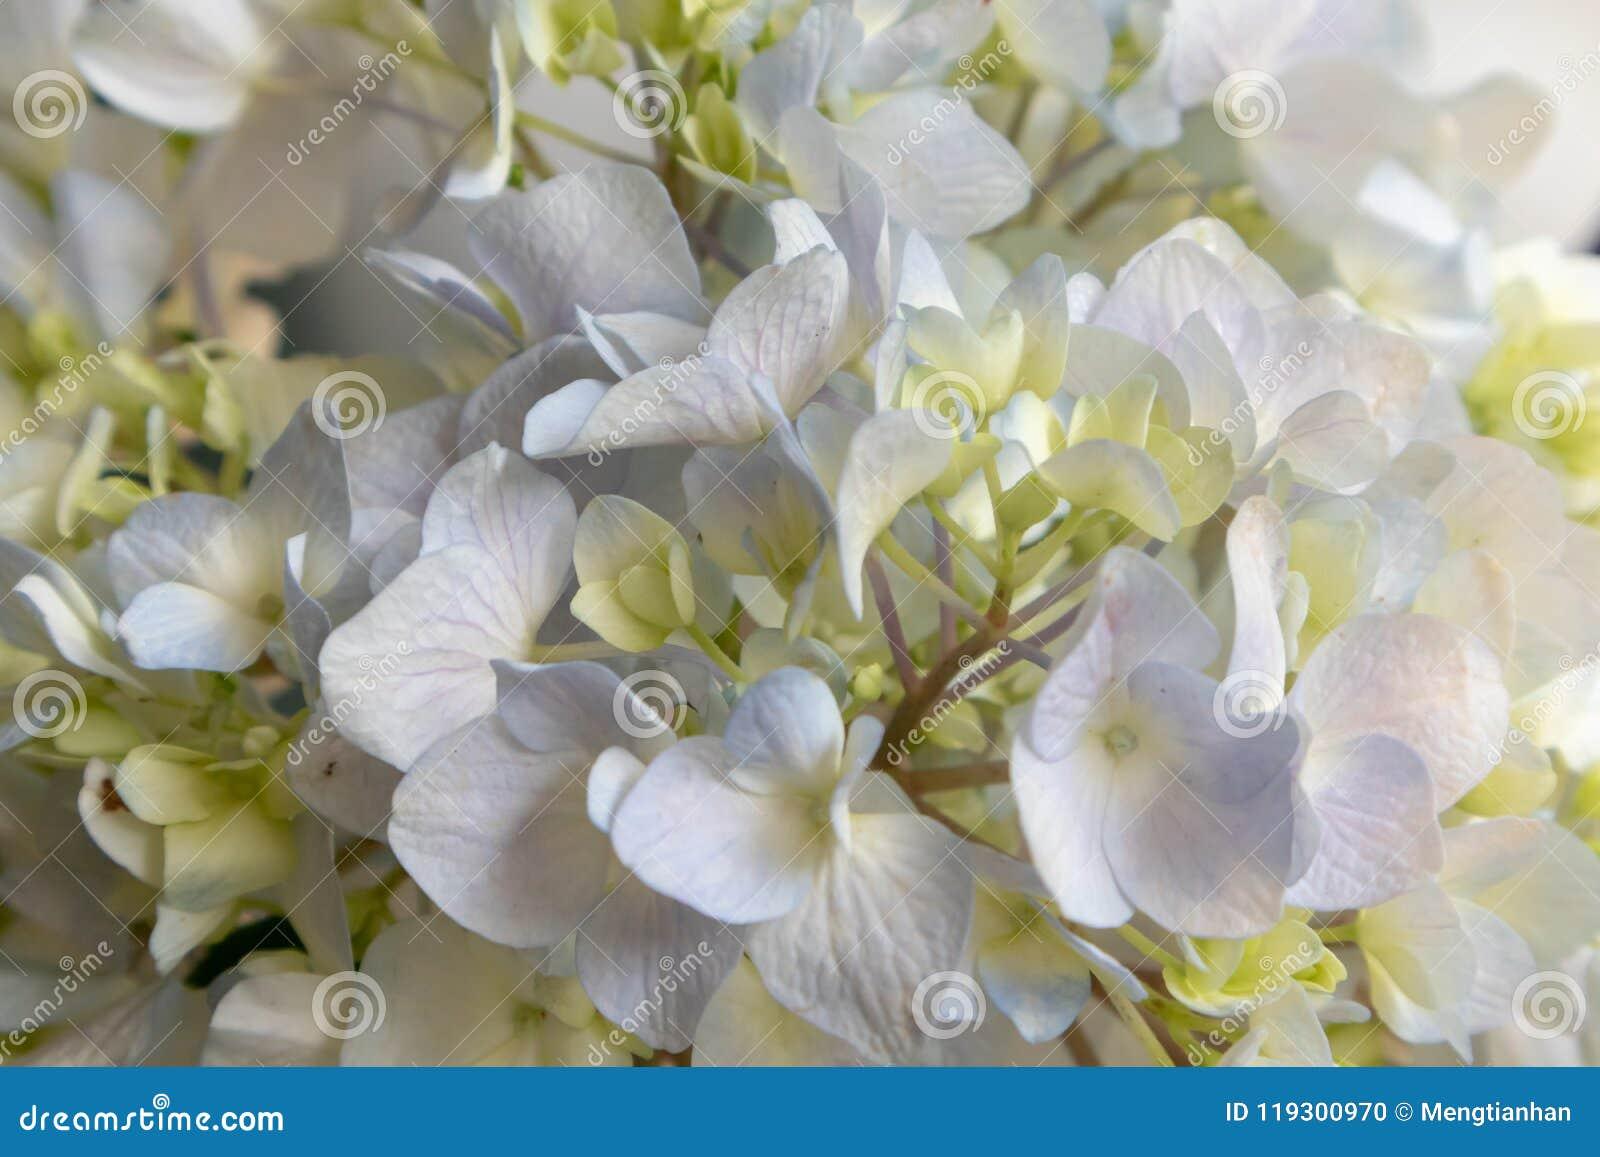 Sepal-Hydrangea macrophylla Thunb. Ser.